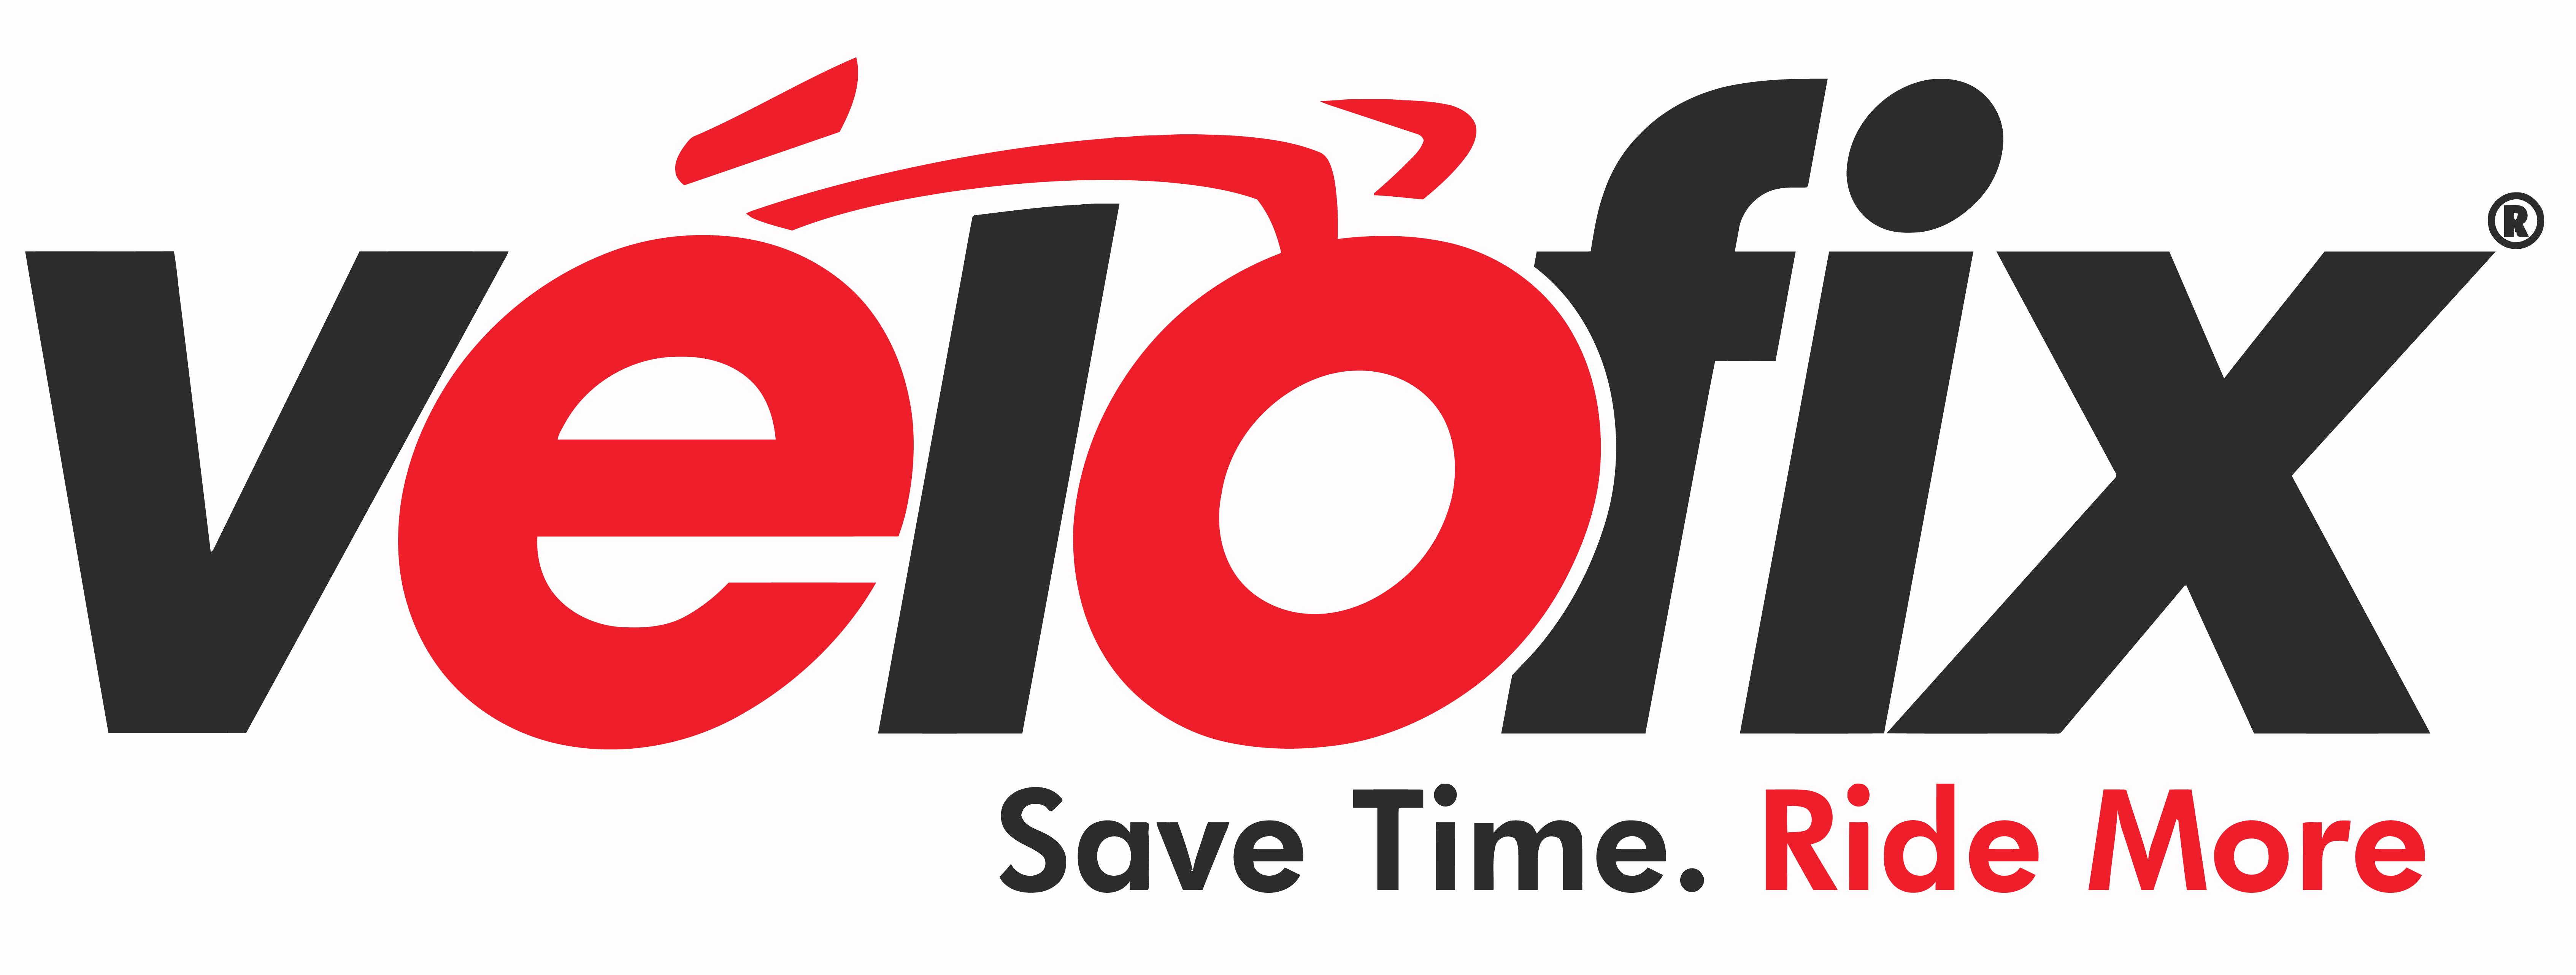 Sponsor VeloFix CLT Metro